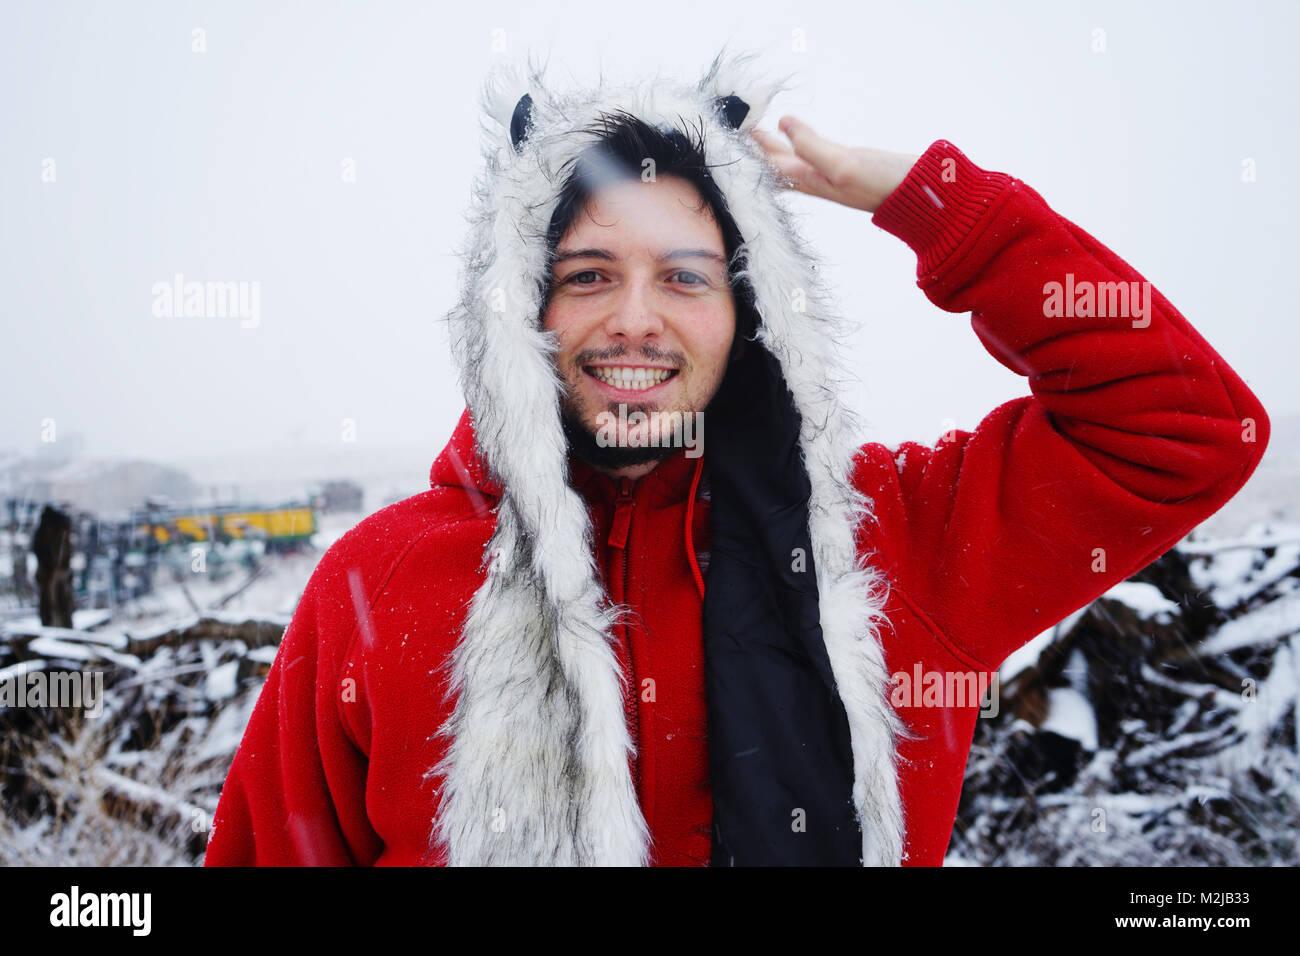 Giovane uomo godendo una giornata nevosa Immagini Stock